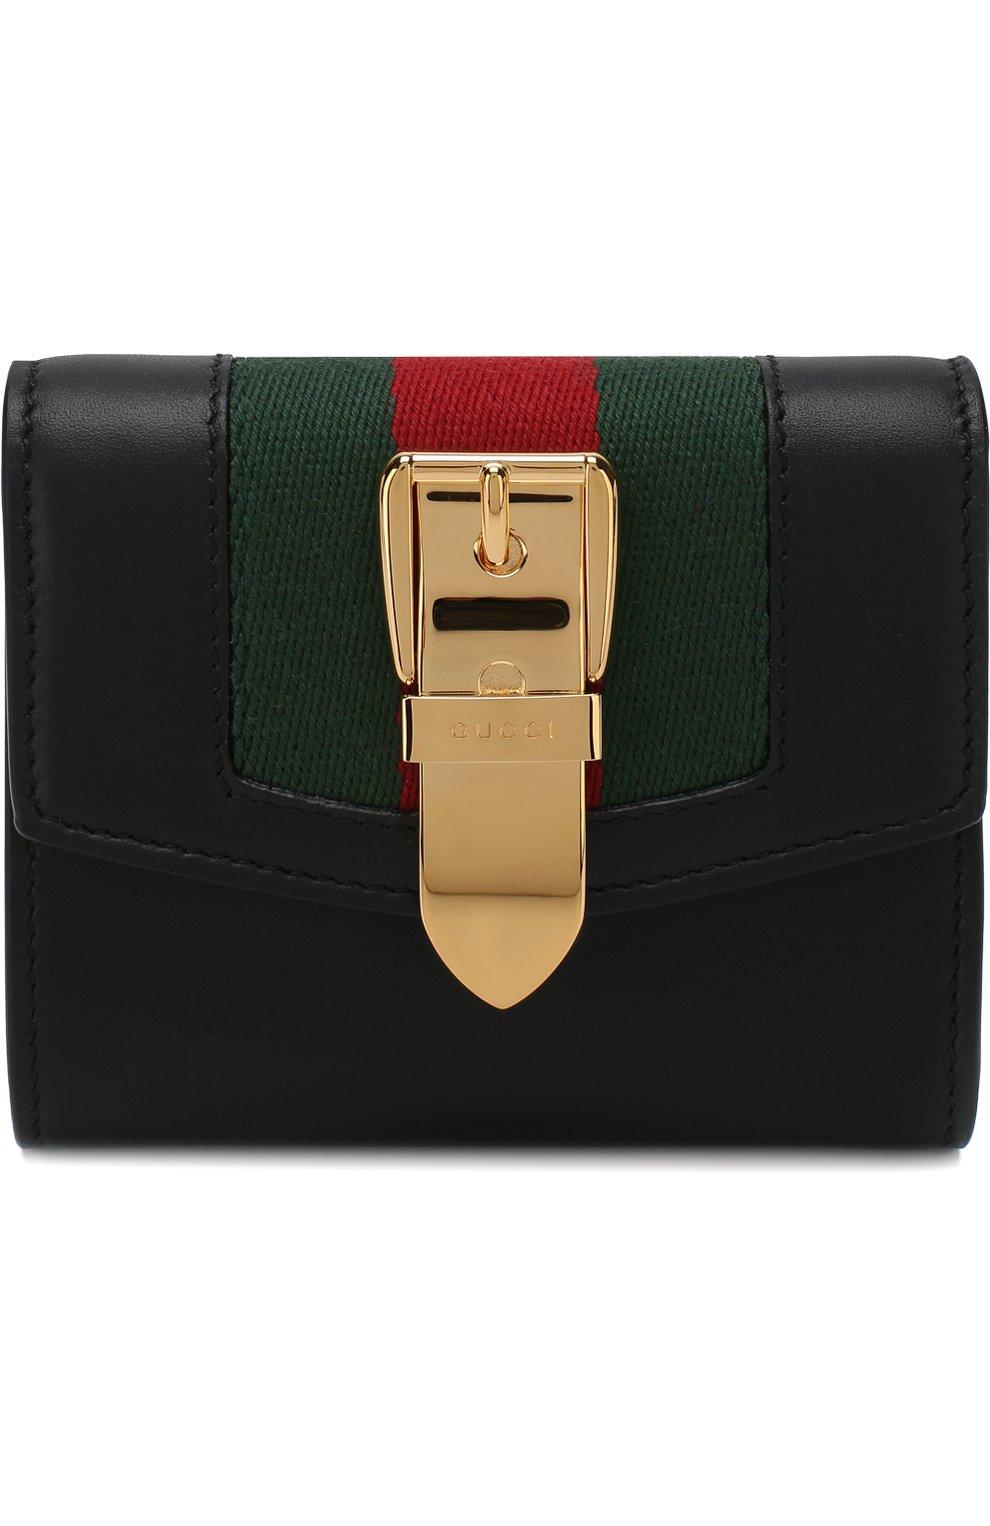 Кожаный кошелек Sylvie с клапаном Gucci черного цвета | Фото №1